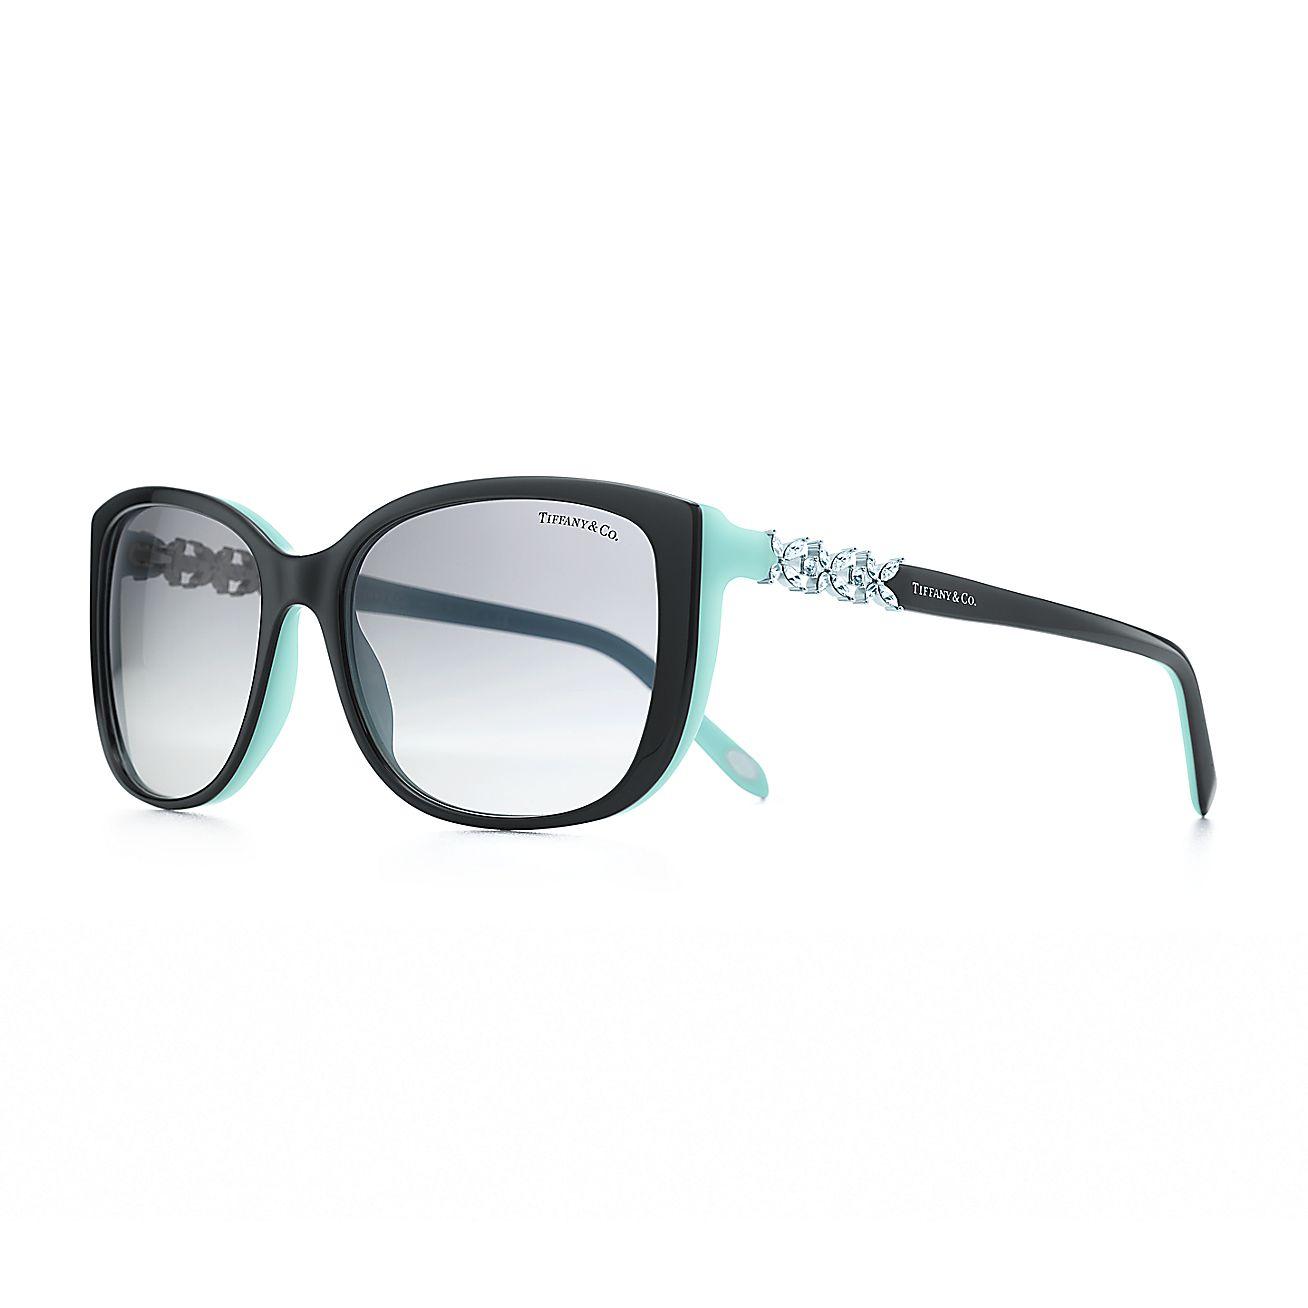 c4daf8cd7acb Tiffany   Co Sunglasses